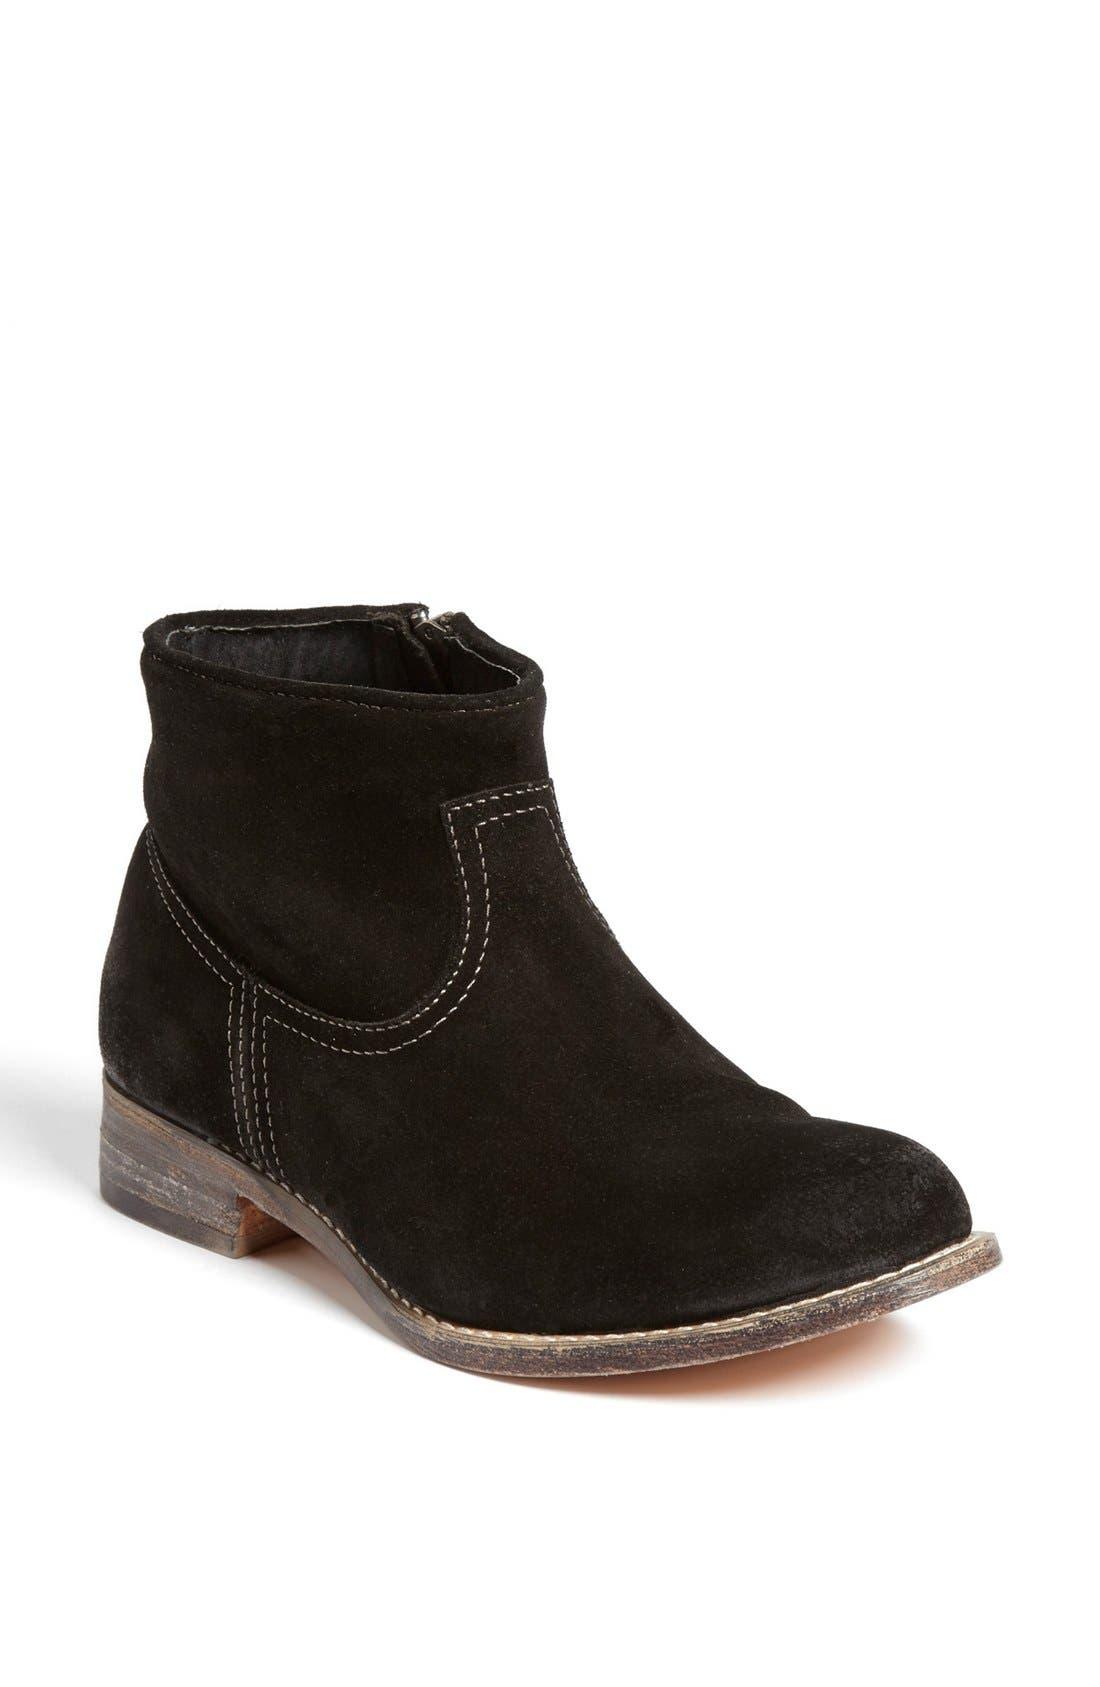 Main Image - Hinge 'Sabor' Short Boot